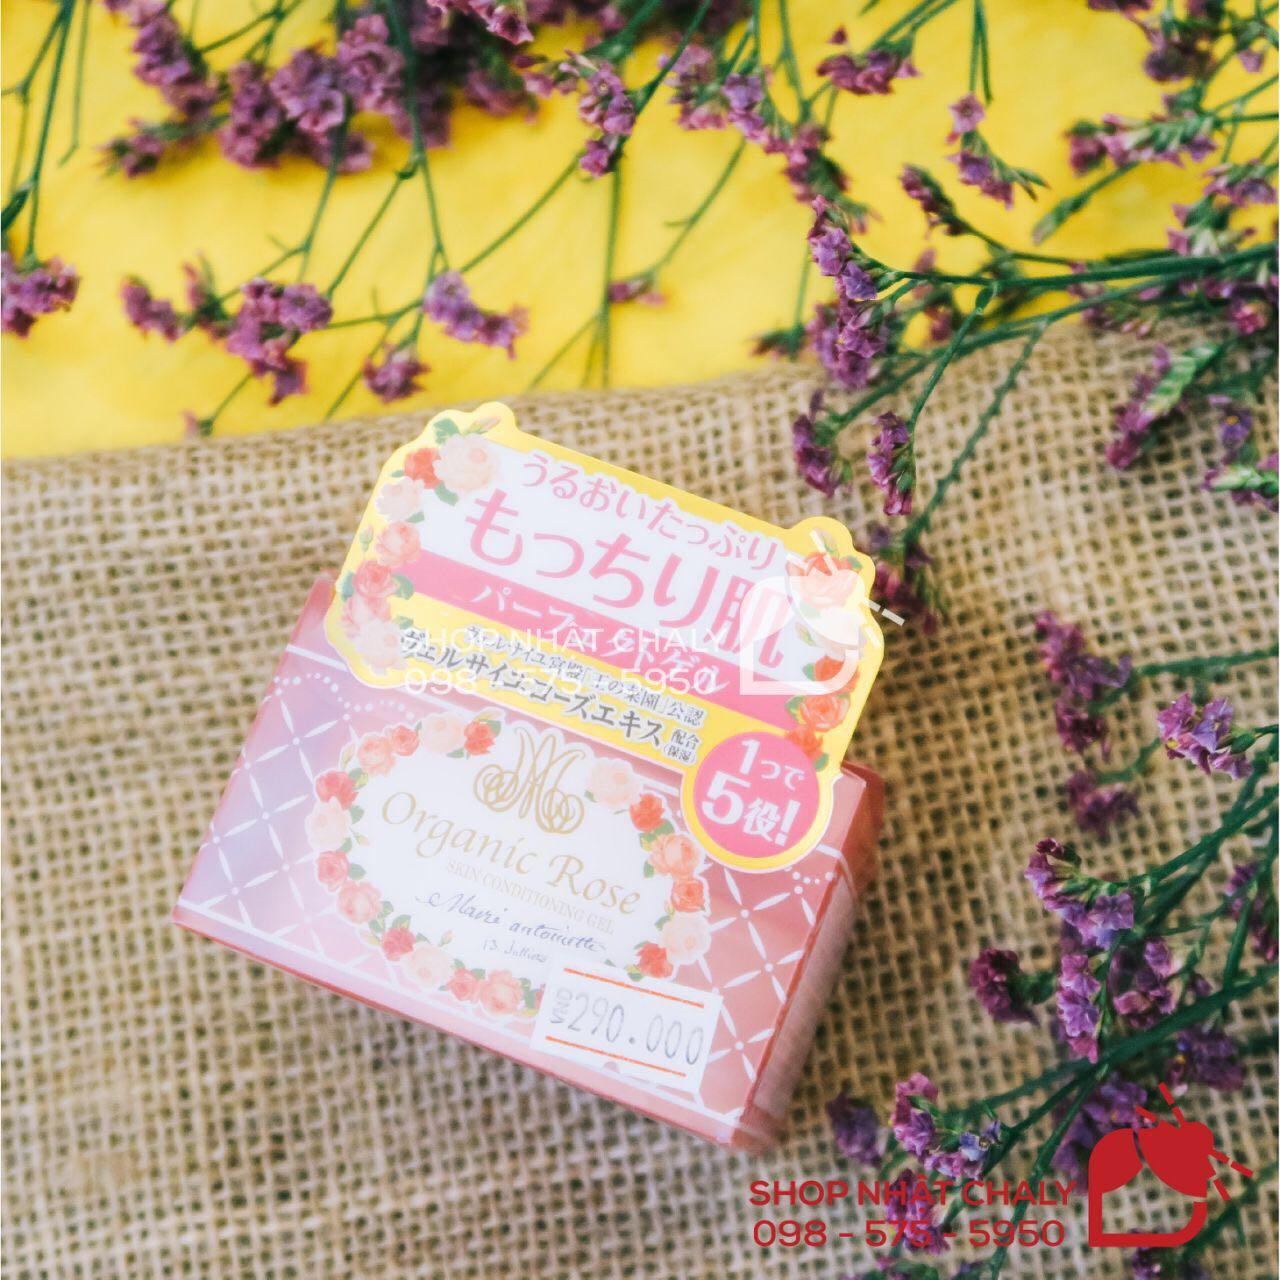 Kem Organic Rose moisture cream màu hồng của Meishoku là sản phẩm kem dưỡng da giá bình dân có hiệu quả se khít lỗ chân lông, được yêu thích